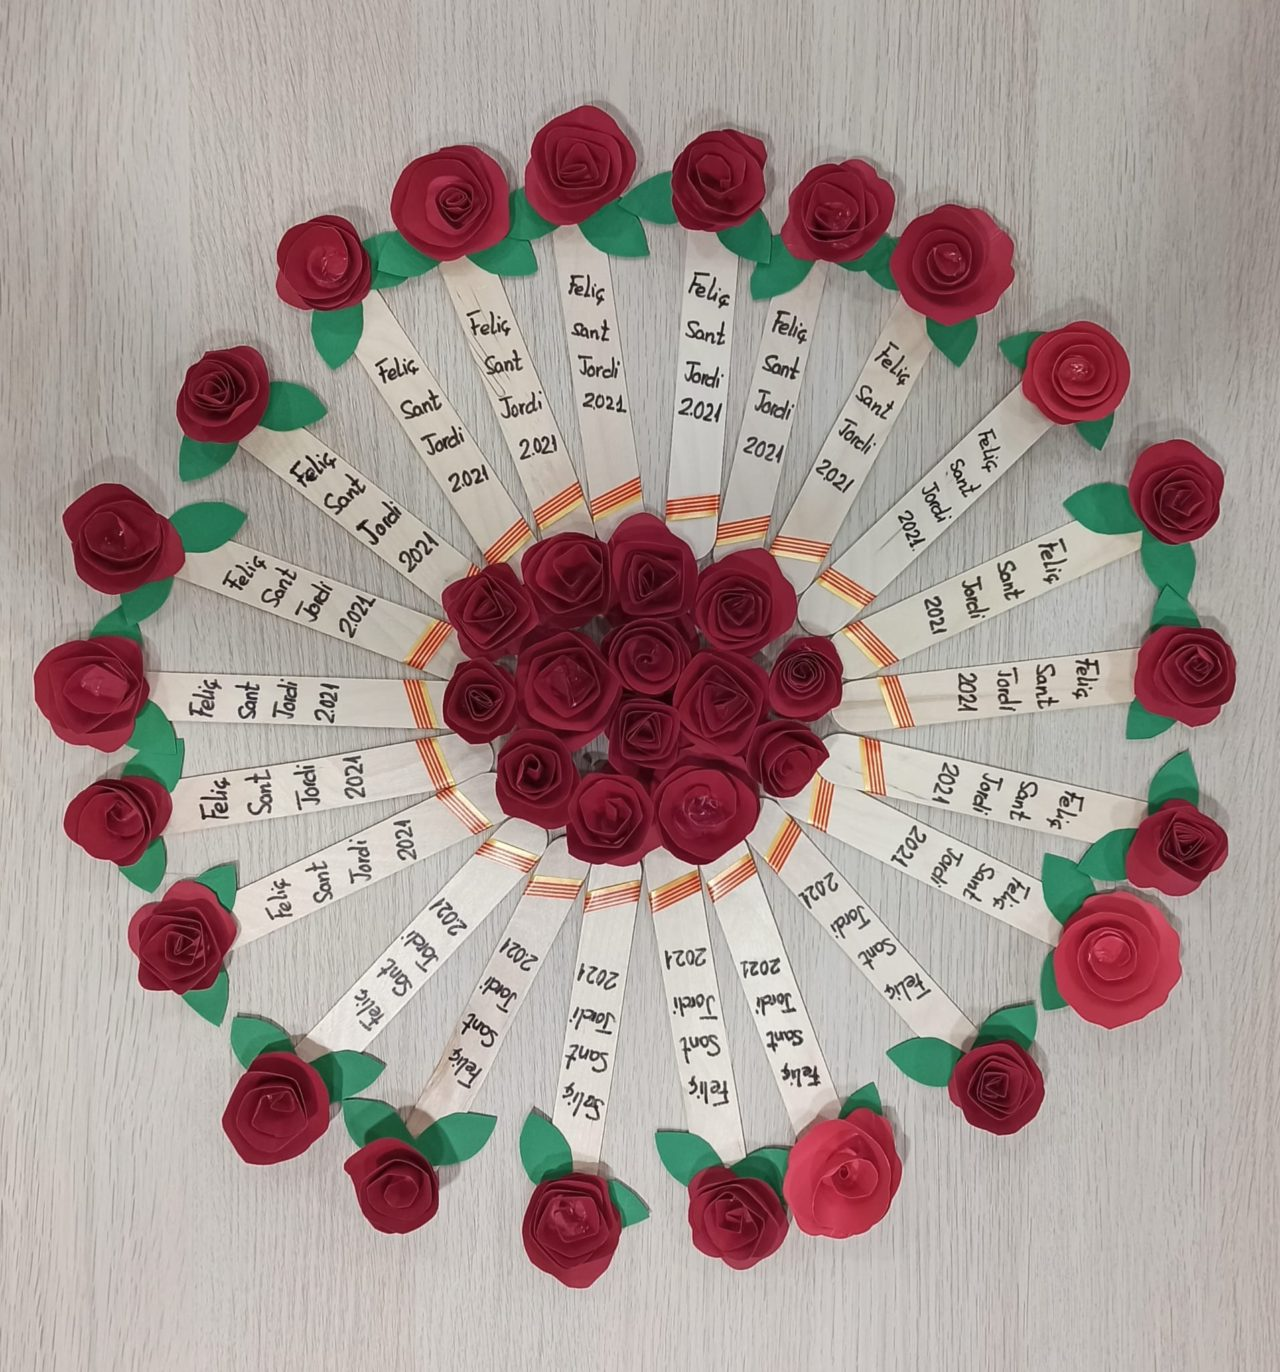 Amb molta il·lusió us desitgem una feliç Diada de Sant Jordi!!!